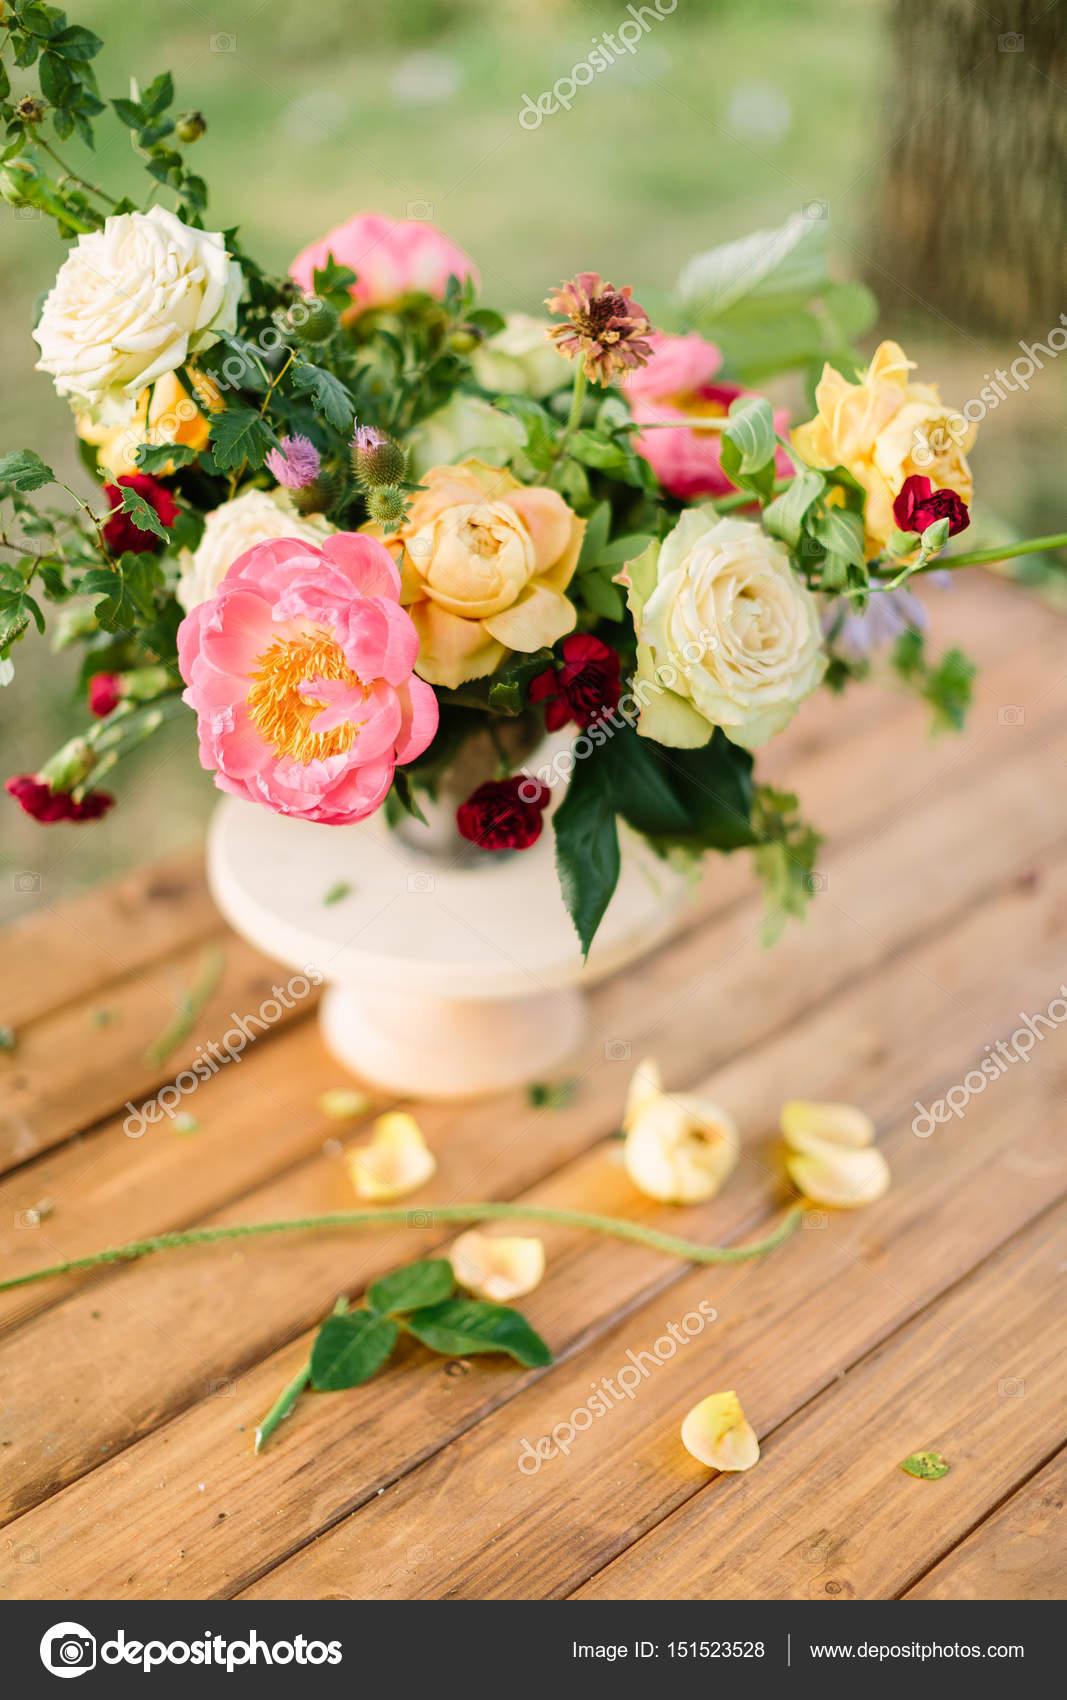 Bouquet Flores Regalos Y Arreglos Florales Concepto